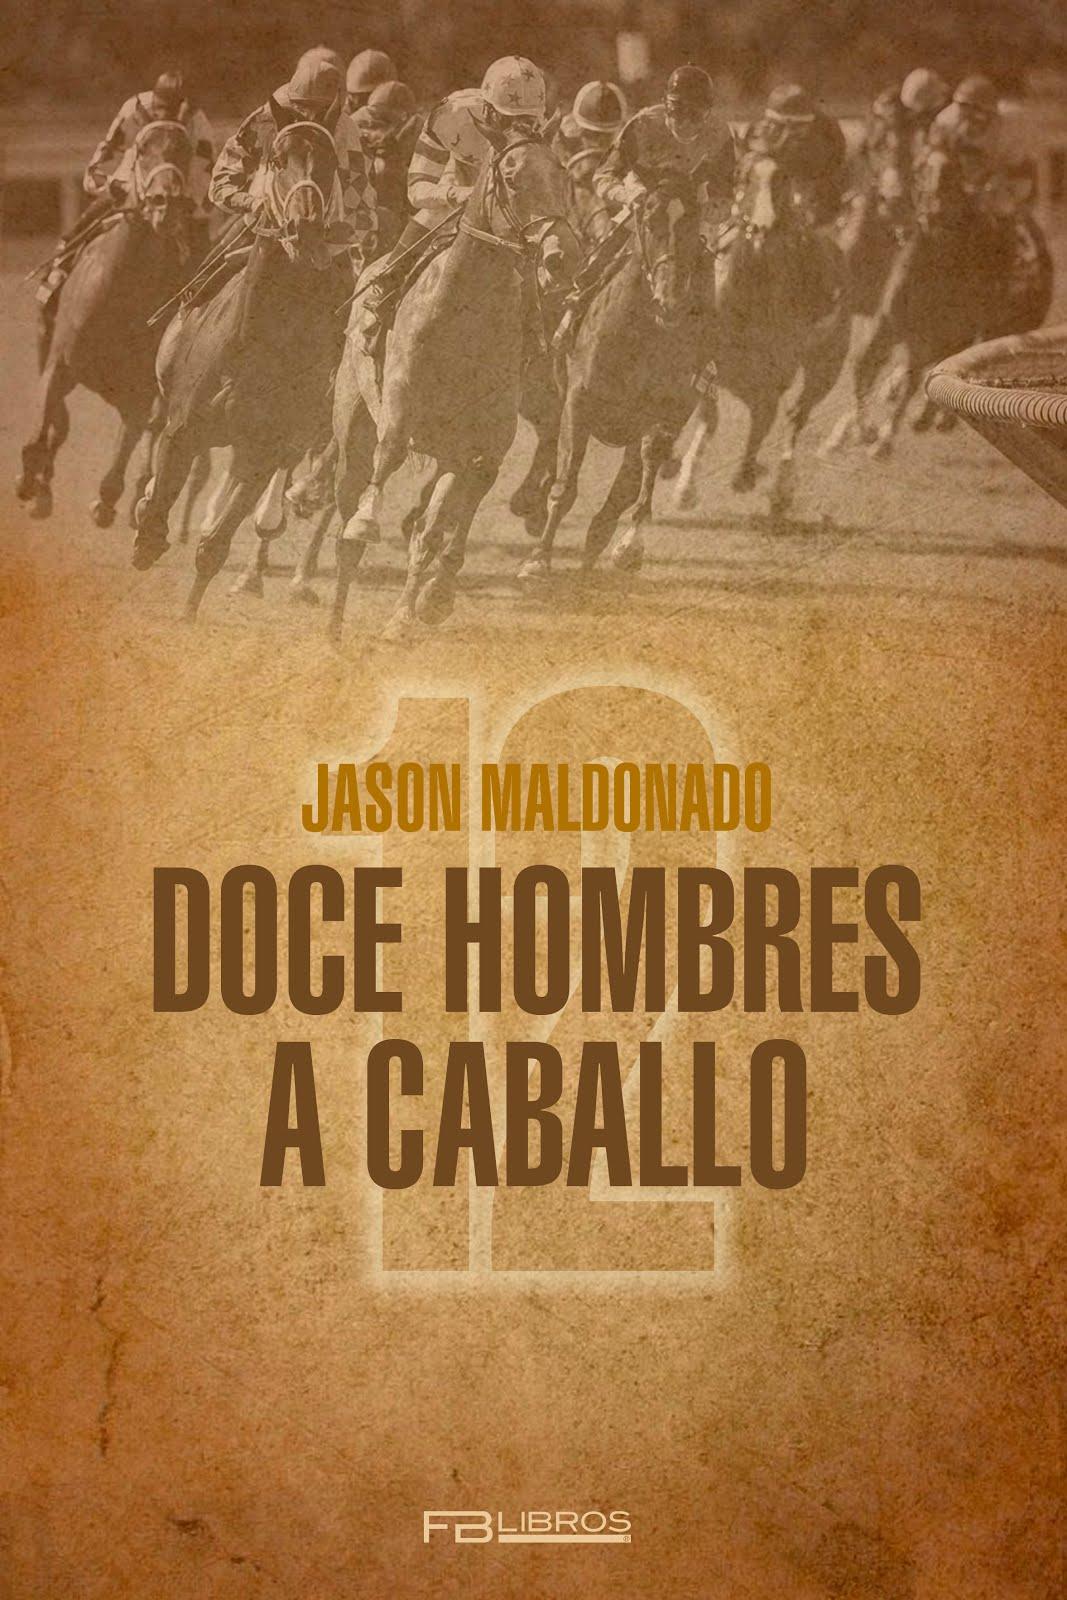 Doce hombres a caballo